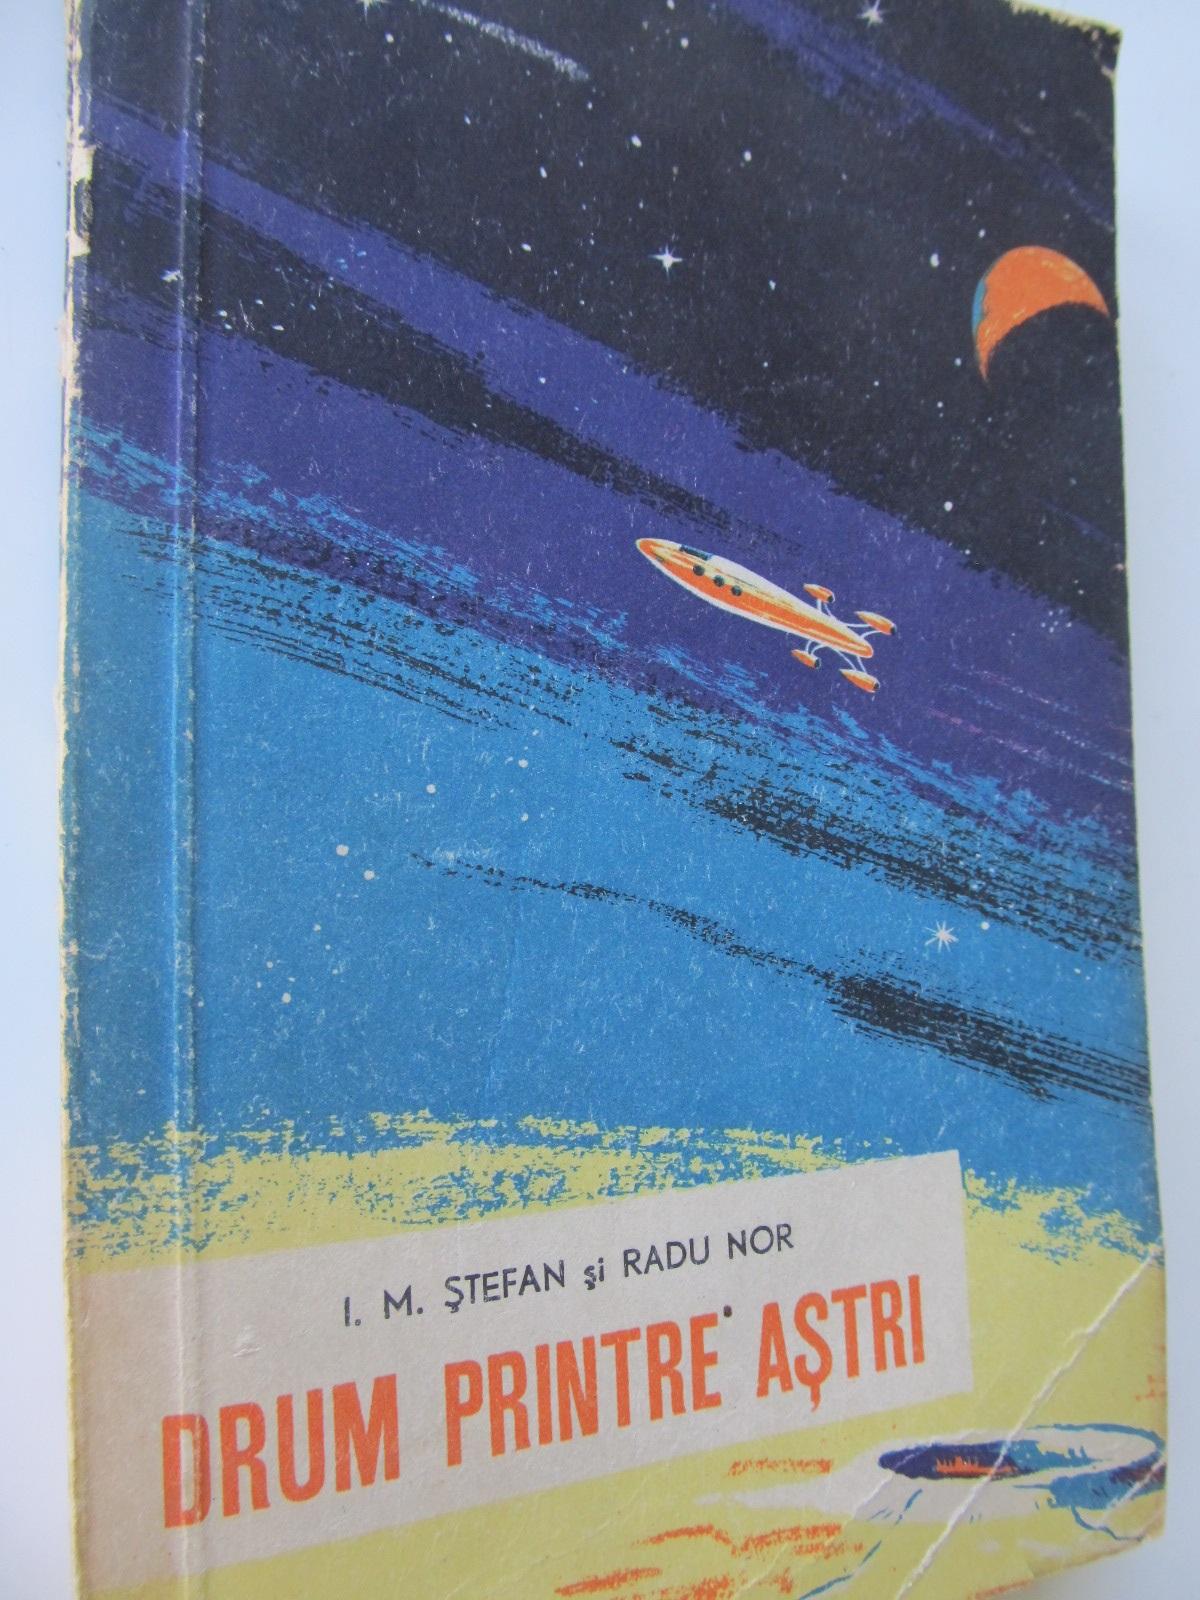 Drum printre astri - I. M. Stefan , Radu Nor | Detalii carte